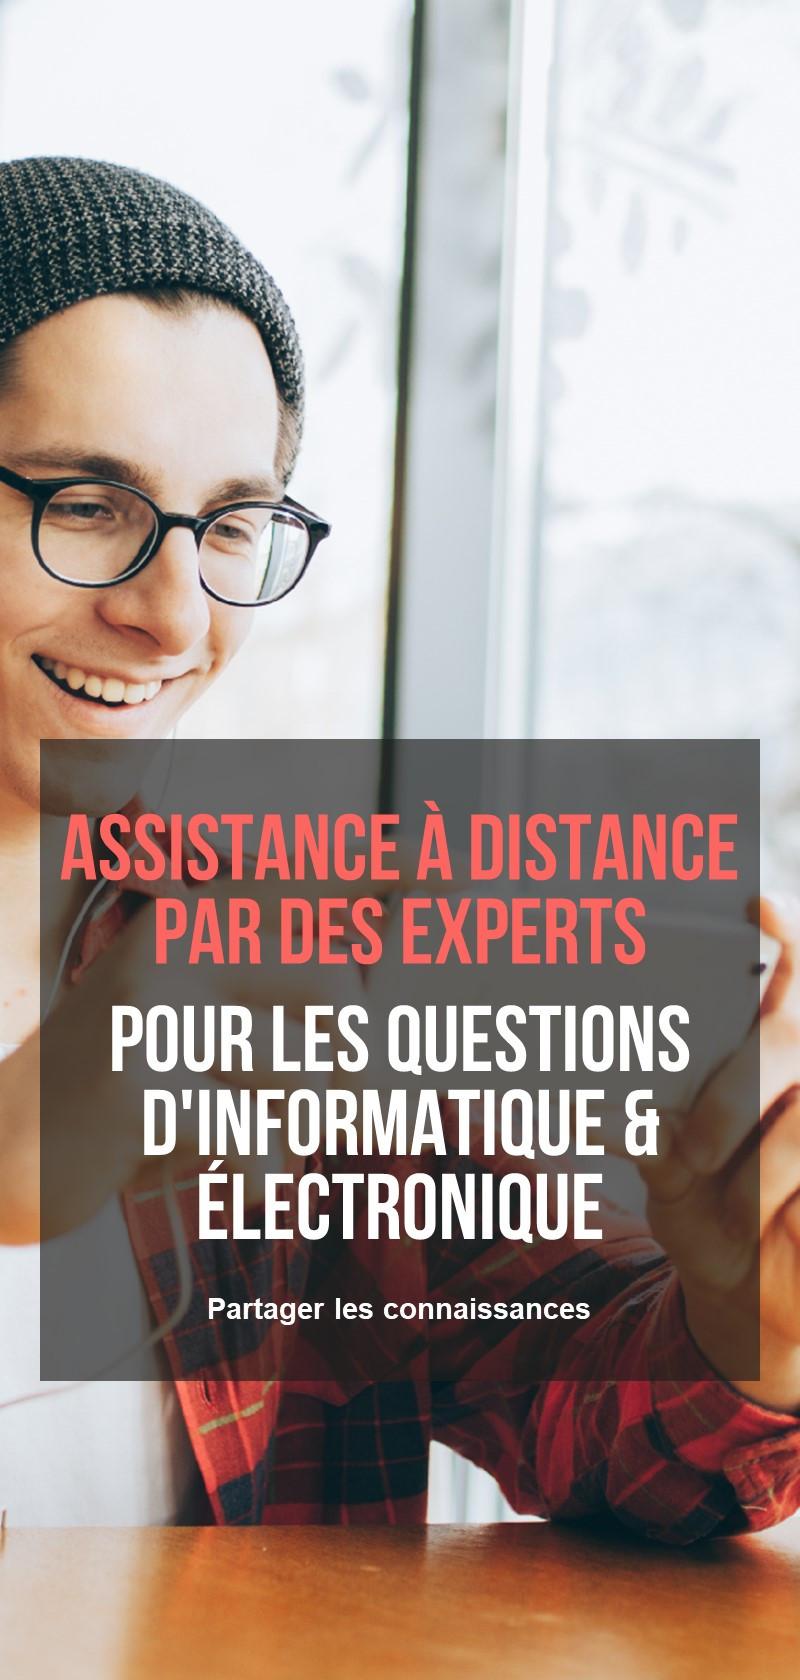 Assistance à distance par des experts en informatique et électronique